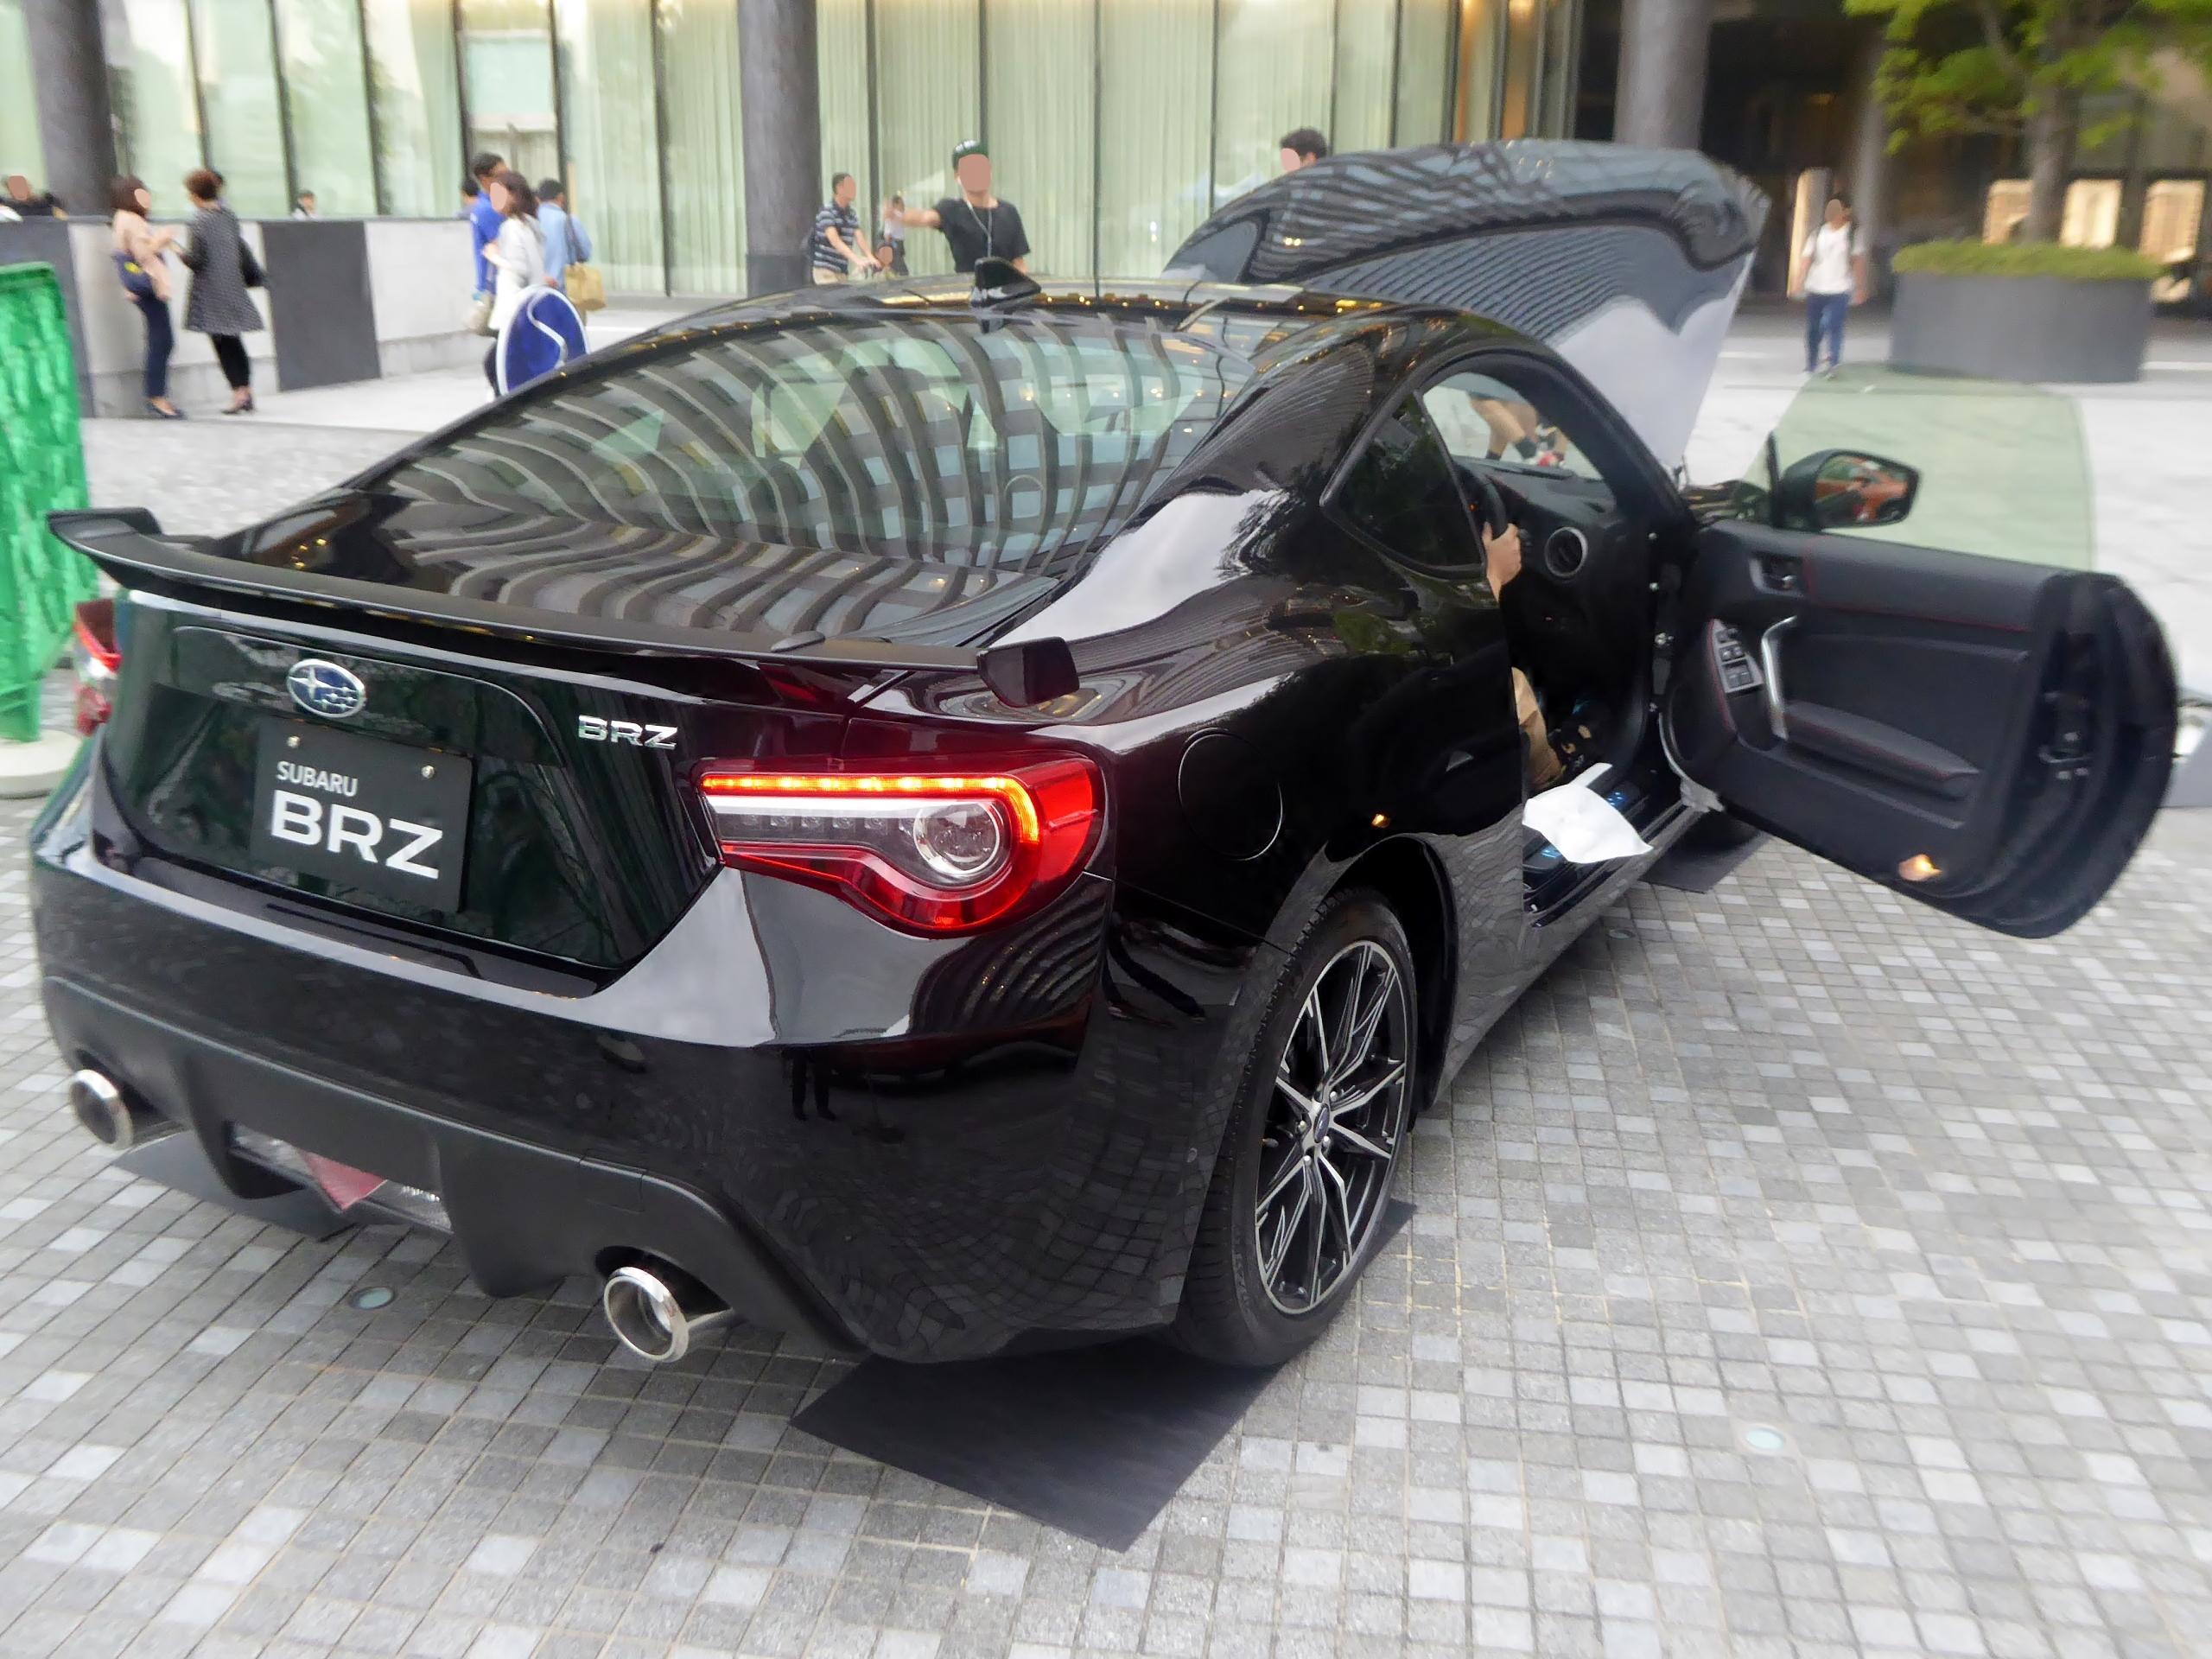 BRZはモテる車だがノーマルに近い状態で